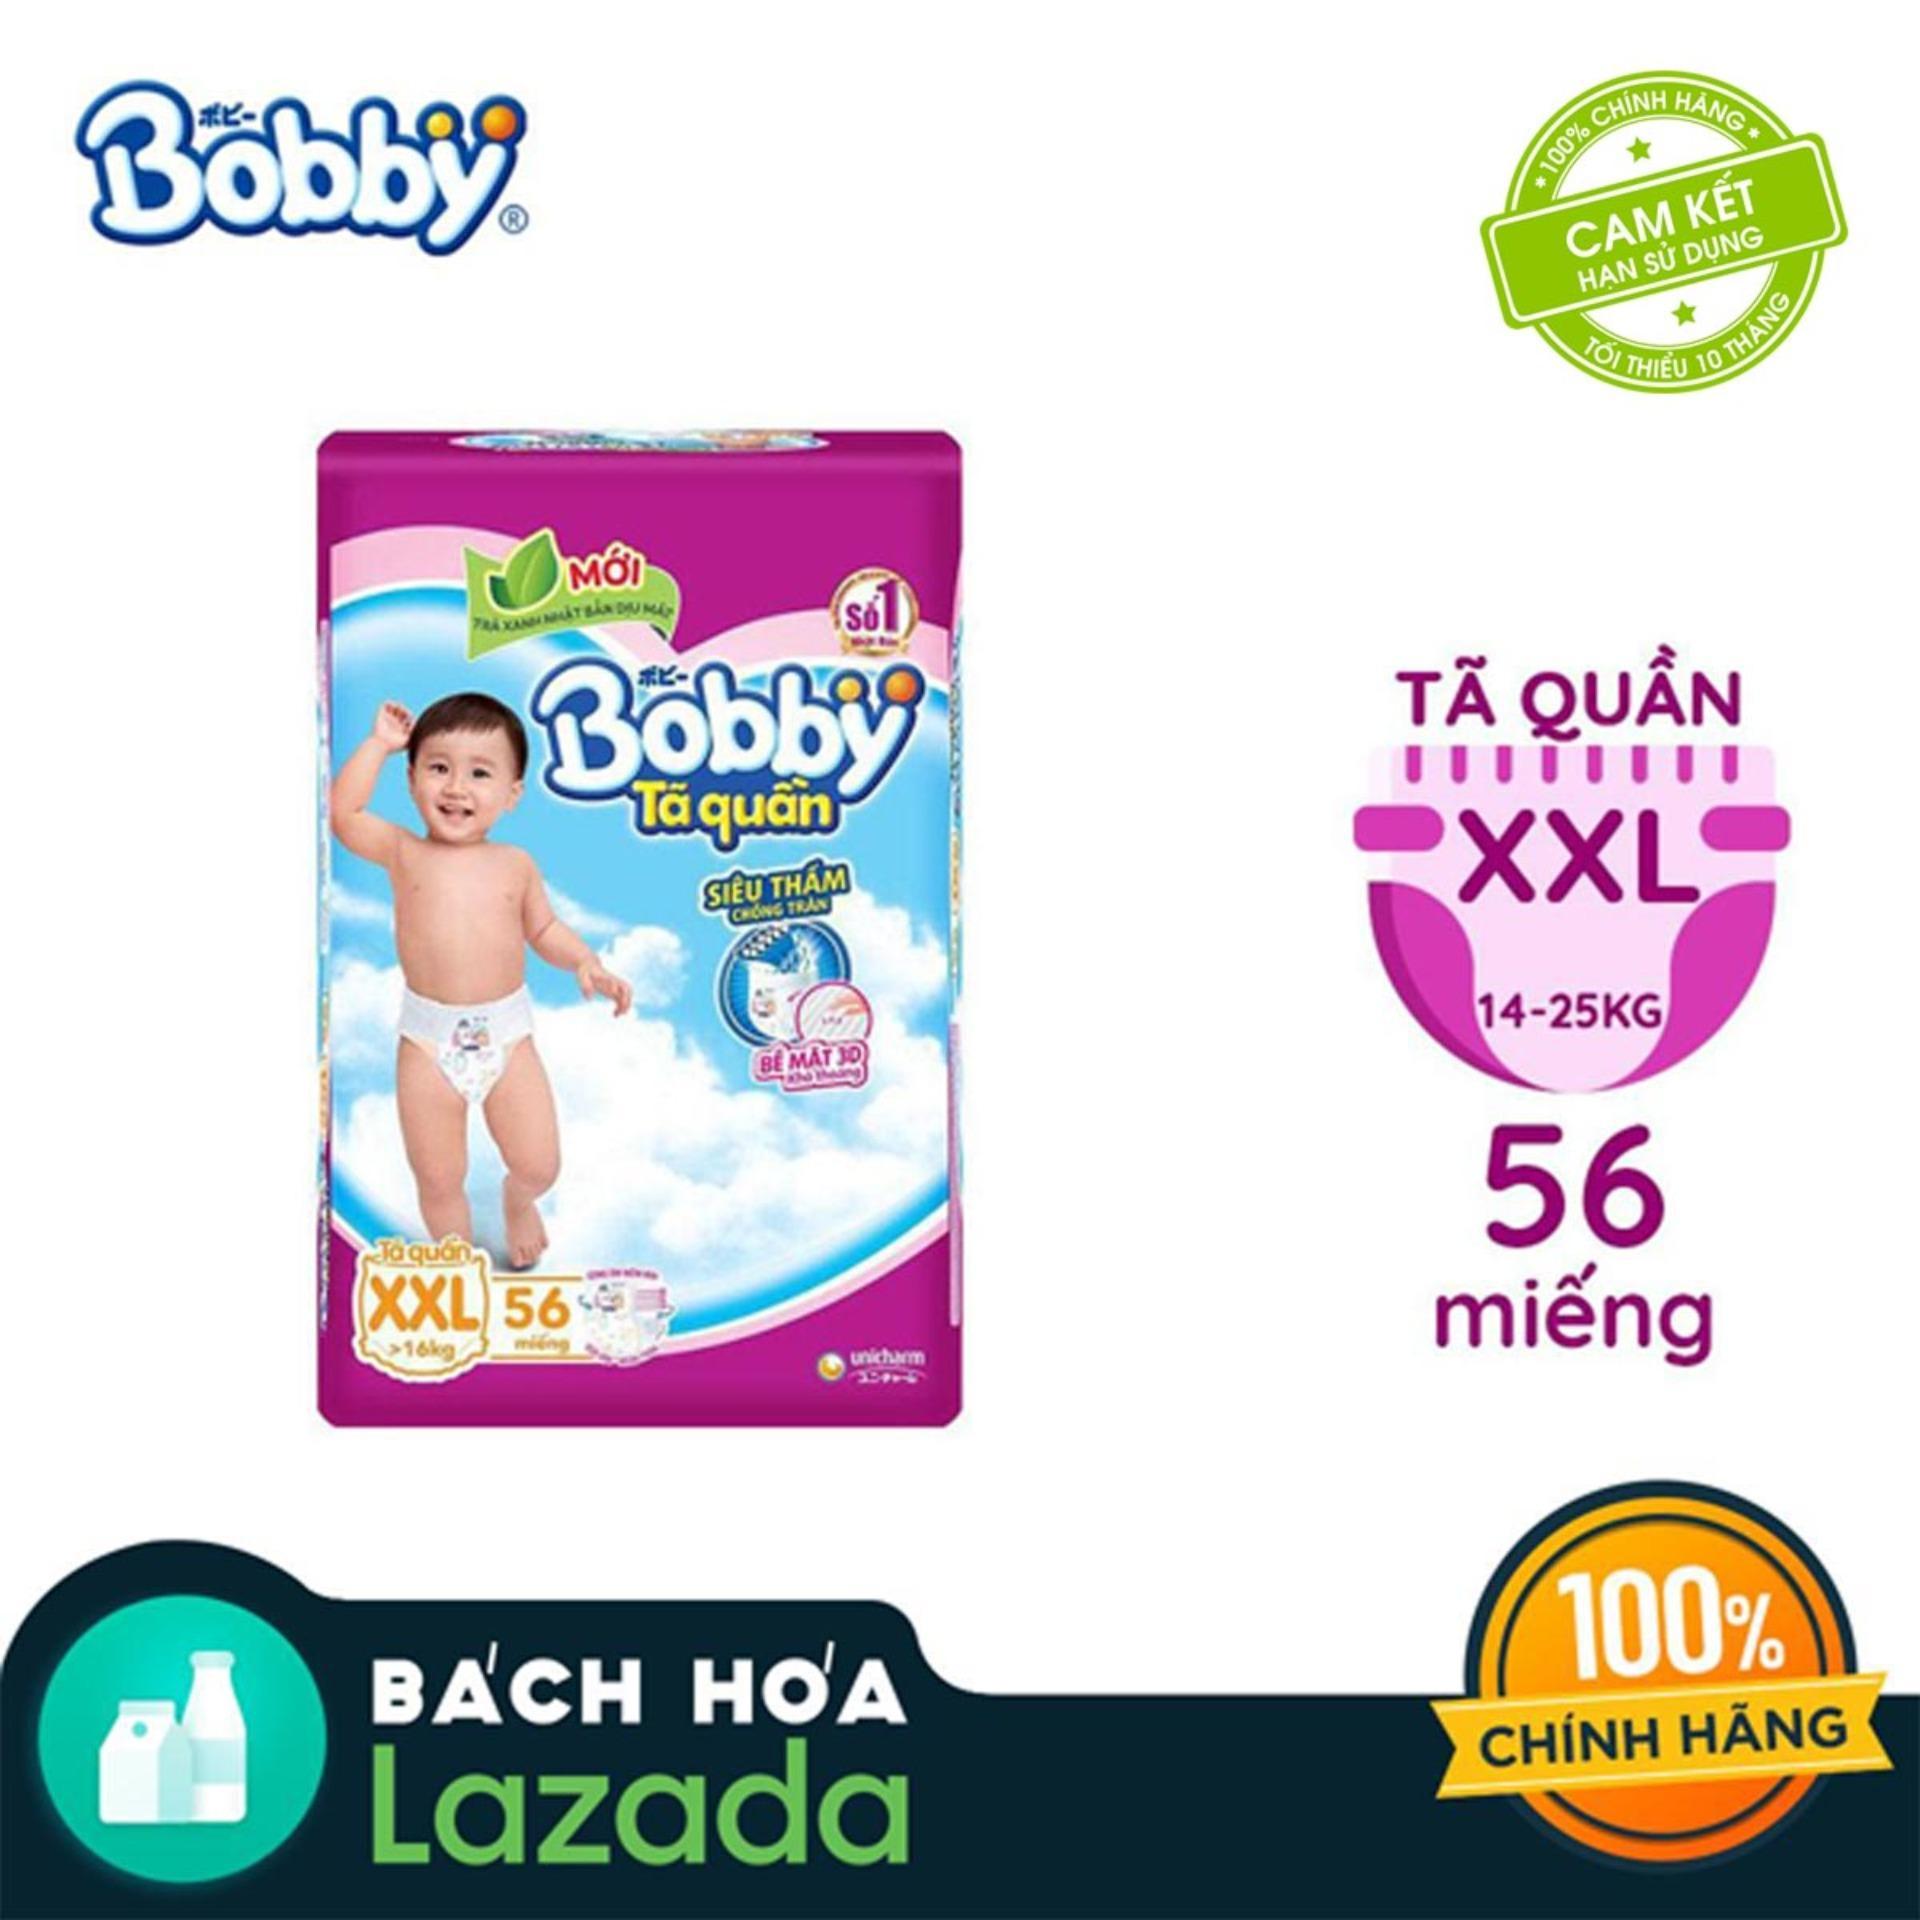 [Tiết Kiệm] Tã/Bỉm quần Bobby gói siêu siêu lớn XXL-56...